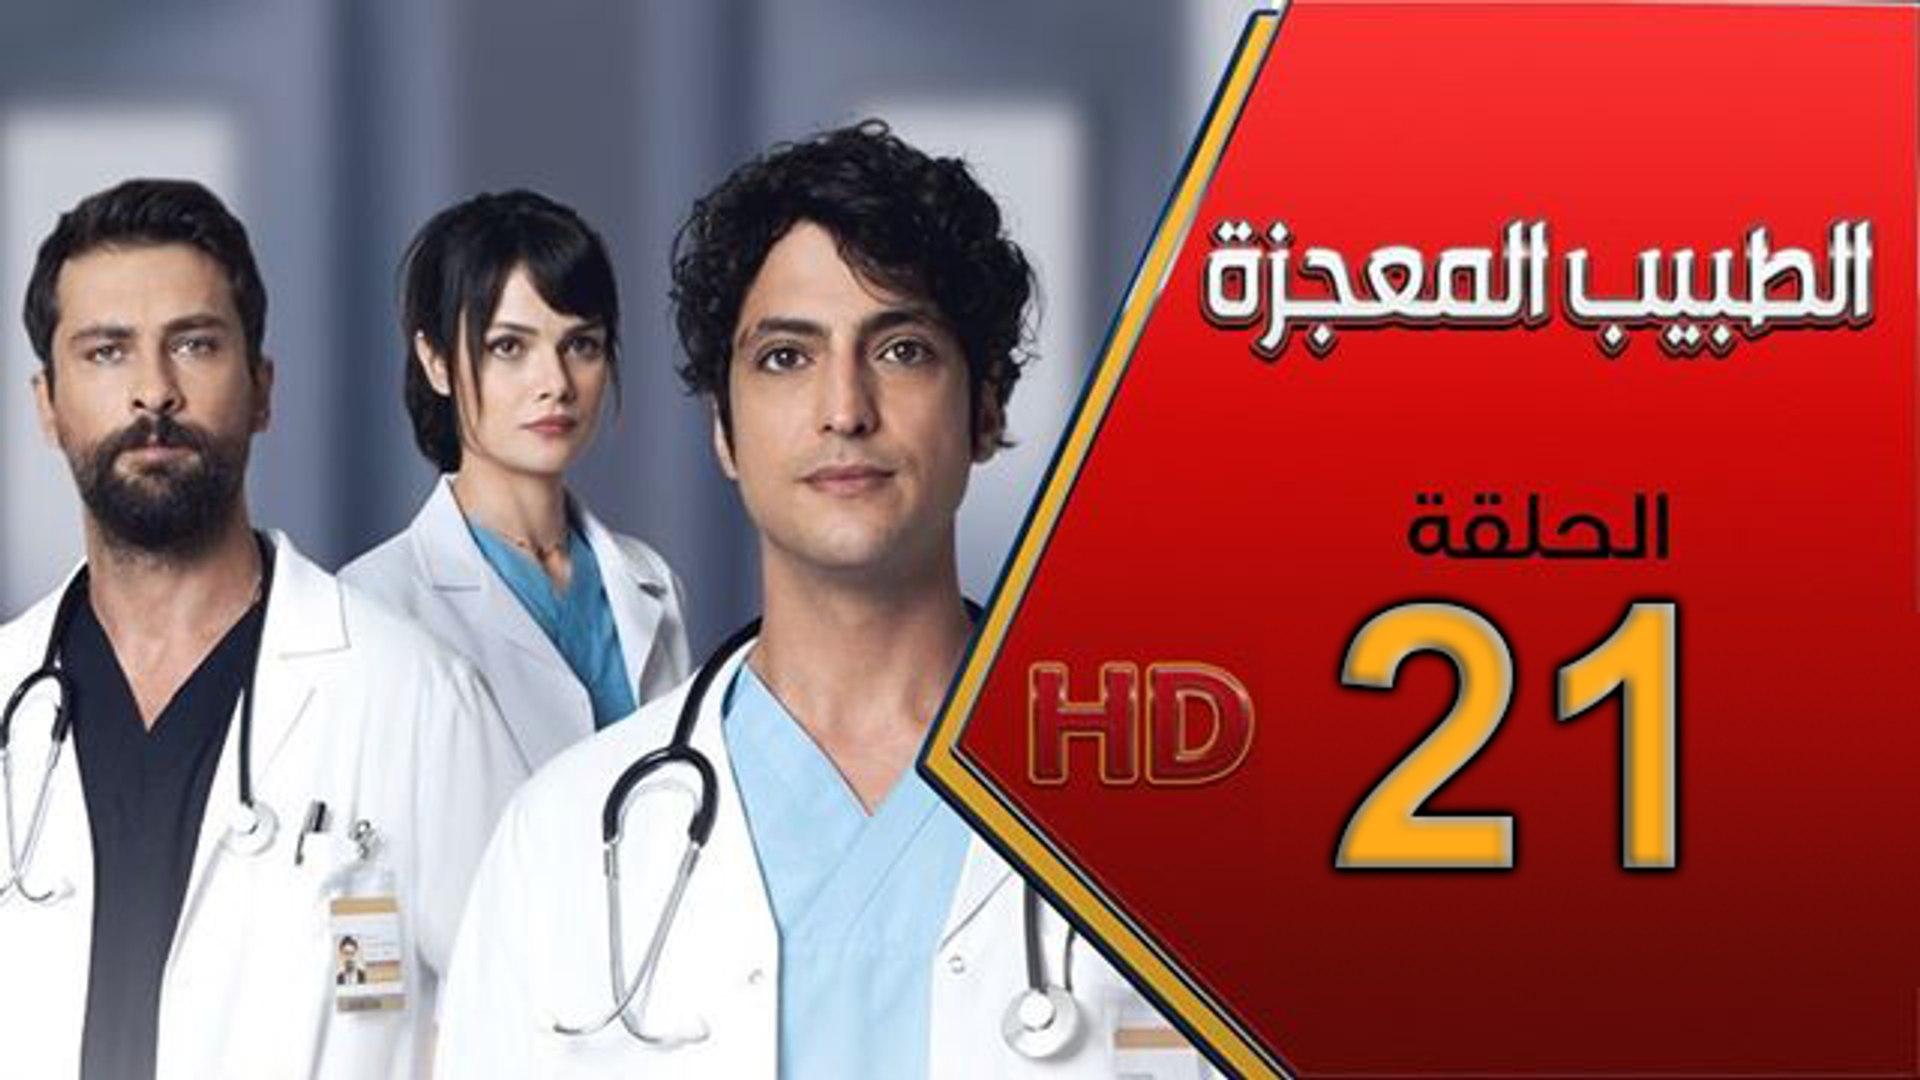 مسلسل الطبيب المعجزة مترجم الحلقة 21 Video Dailymotion